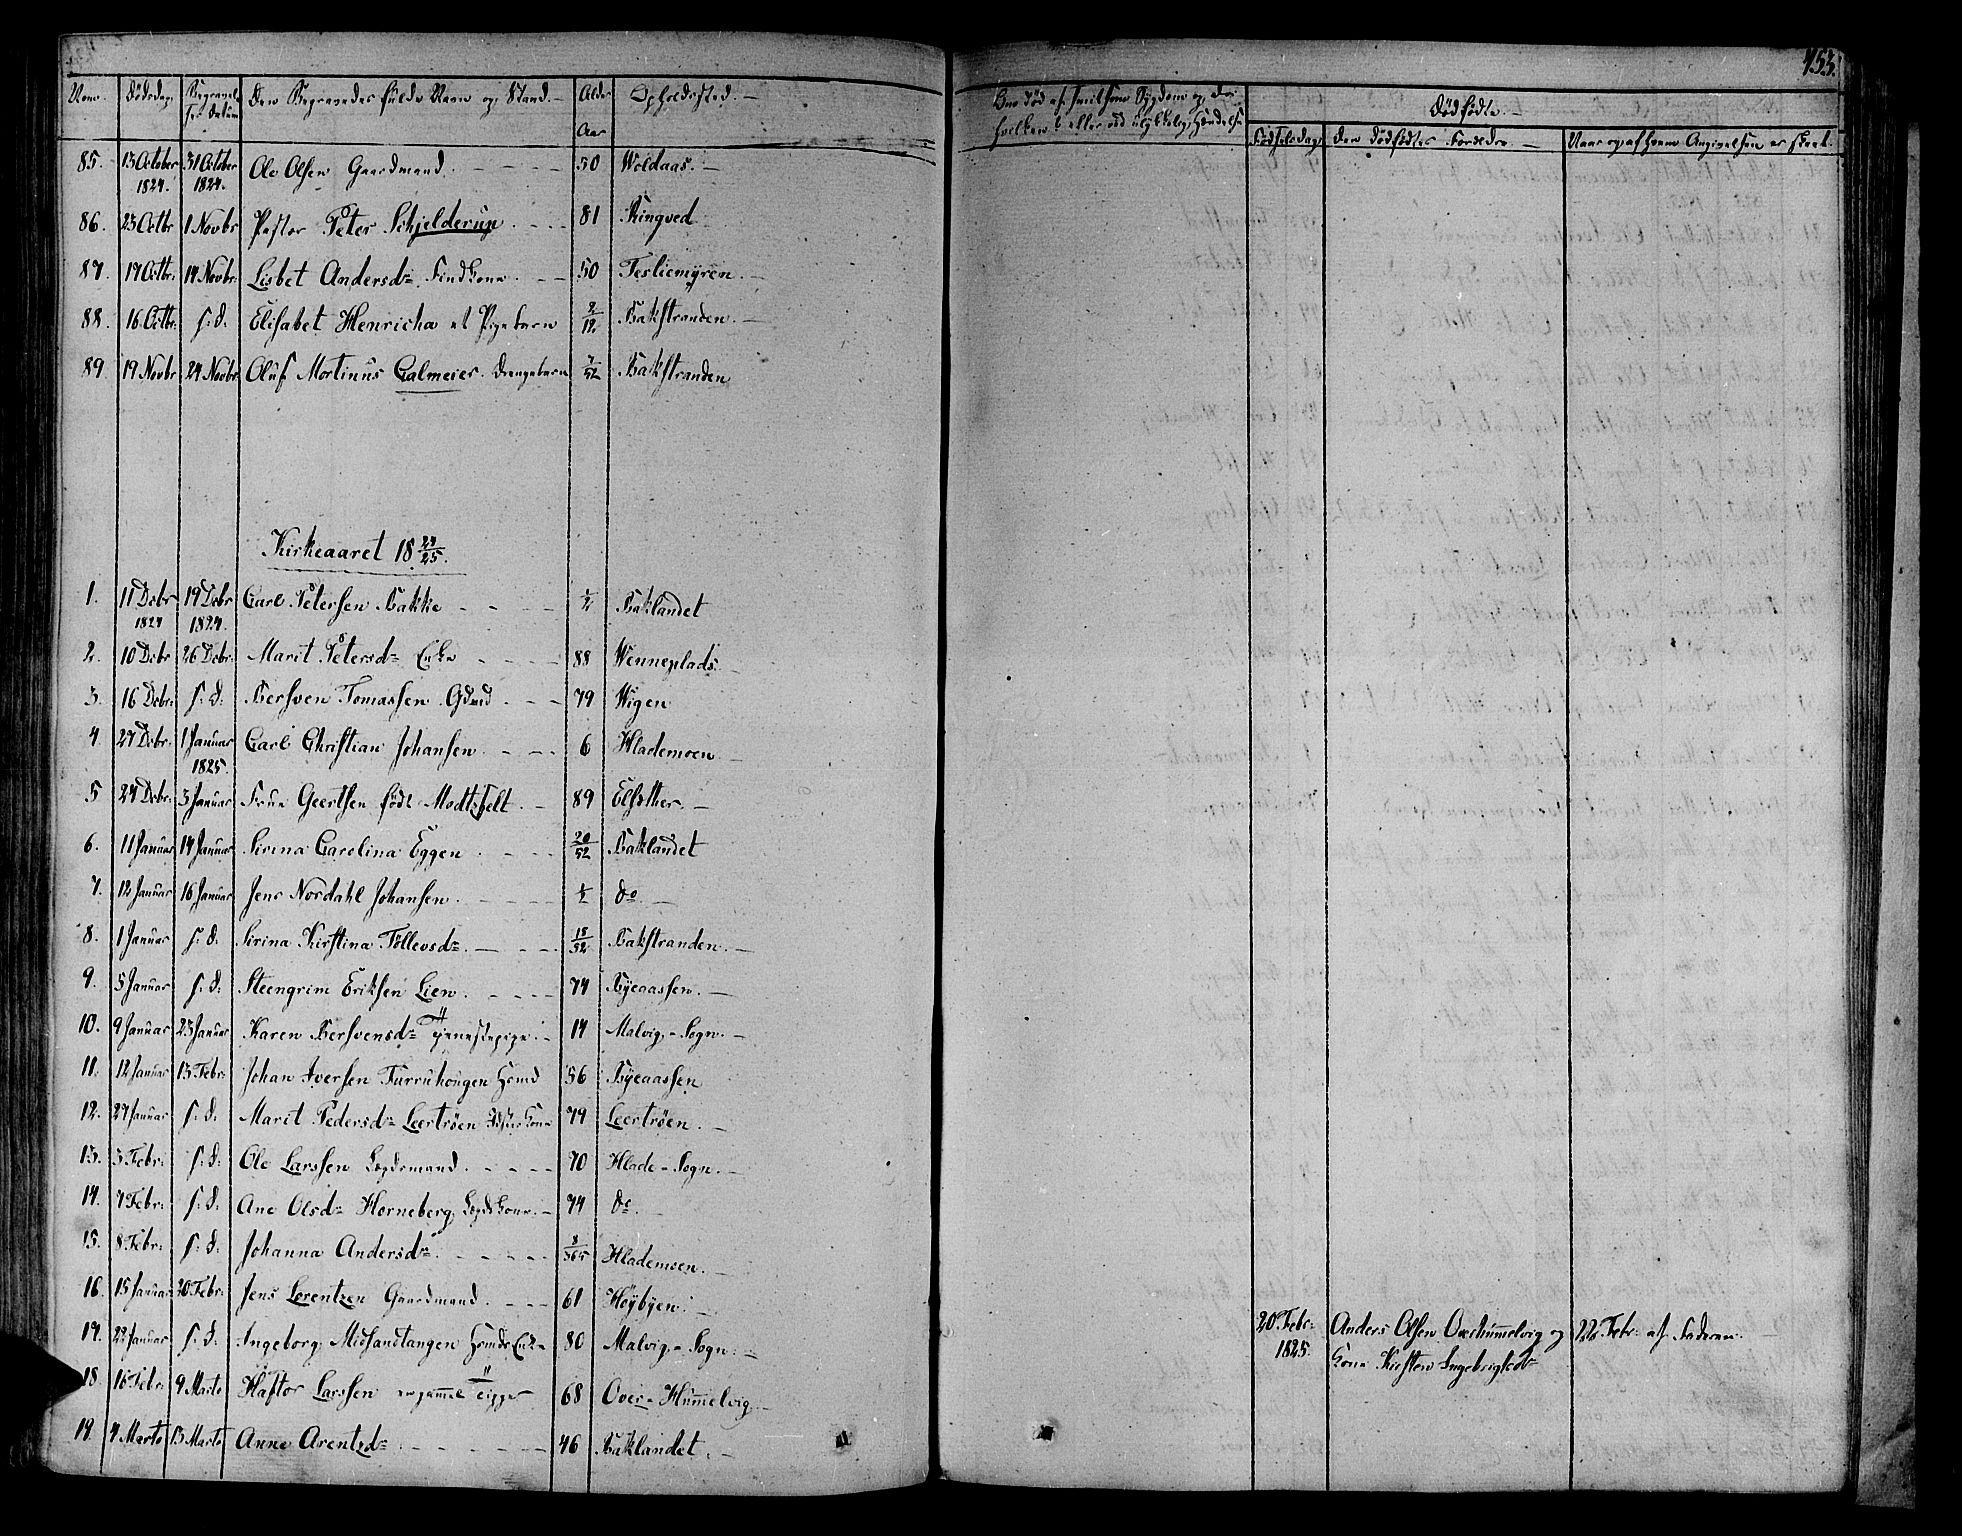 SAT, Ministerialprotokoller, klokkerbøker og fødselsregistre - Sør-Trøndelag, 606/L0286: Ministerialbok nr. 606A04 /1, 1823-1840, s. 453